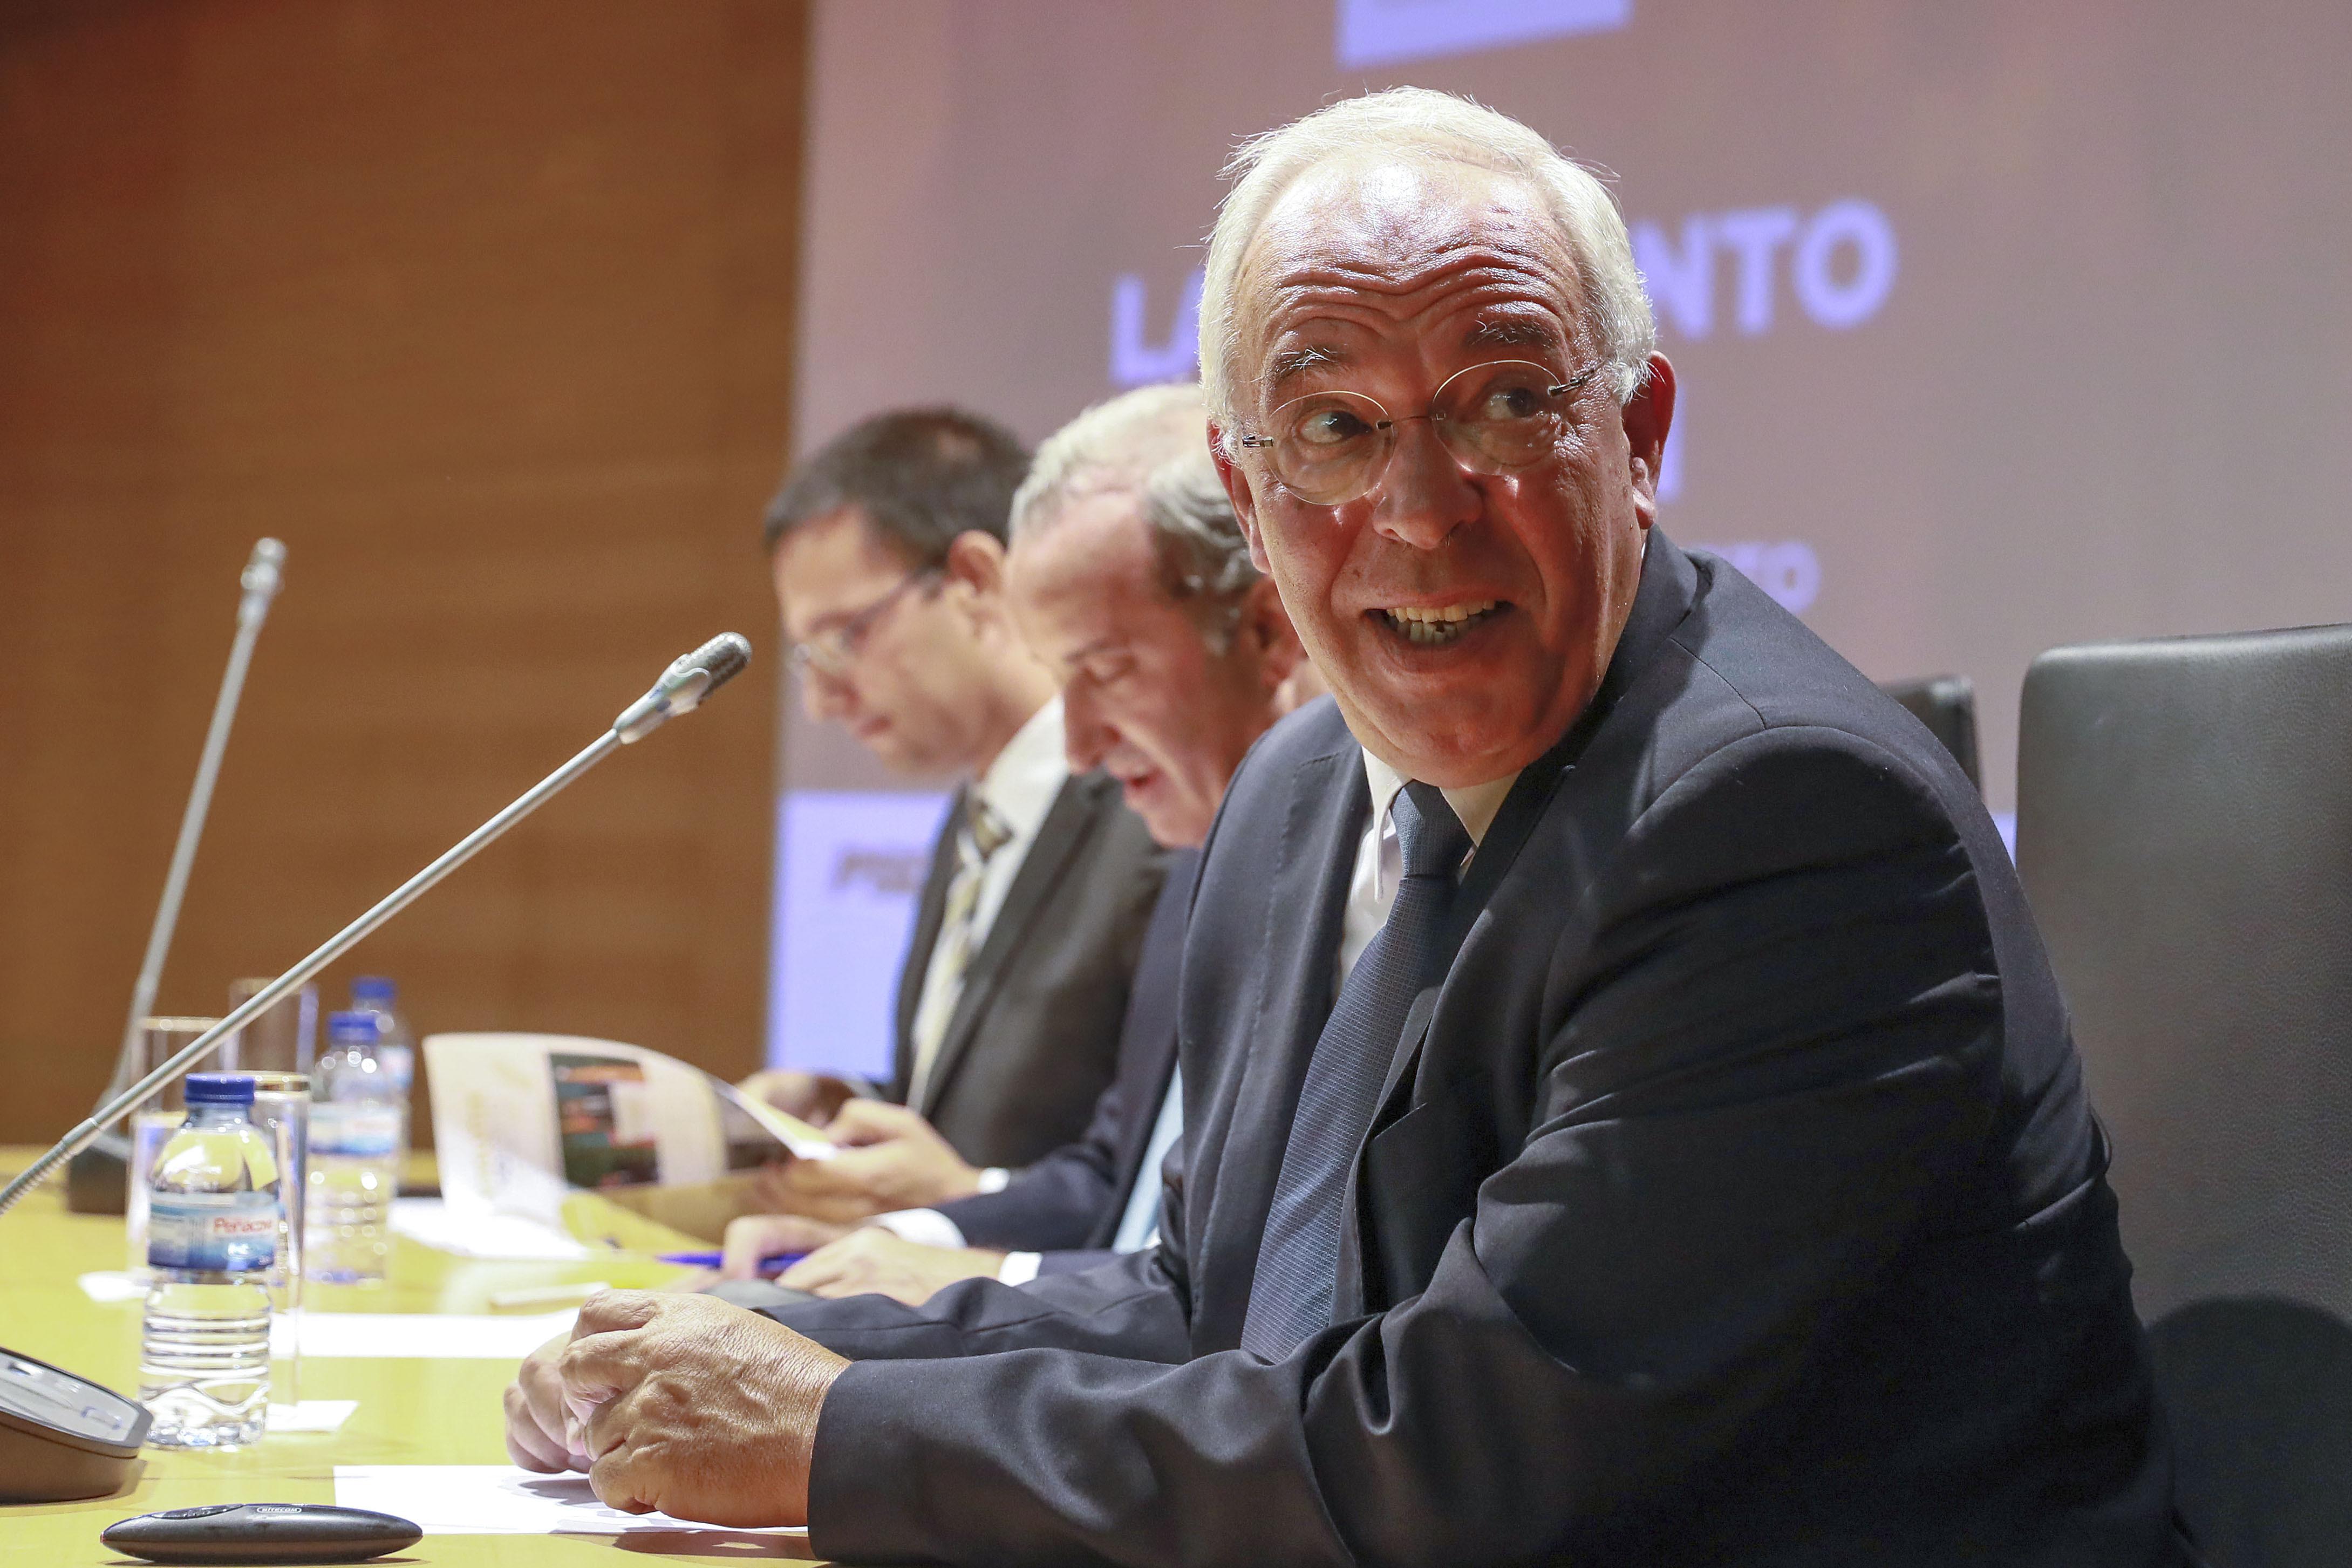 """PSD """"mantém-se disponível"""" para entendimentos sobre reforma da justiça"""